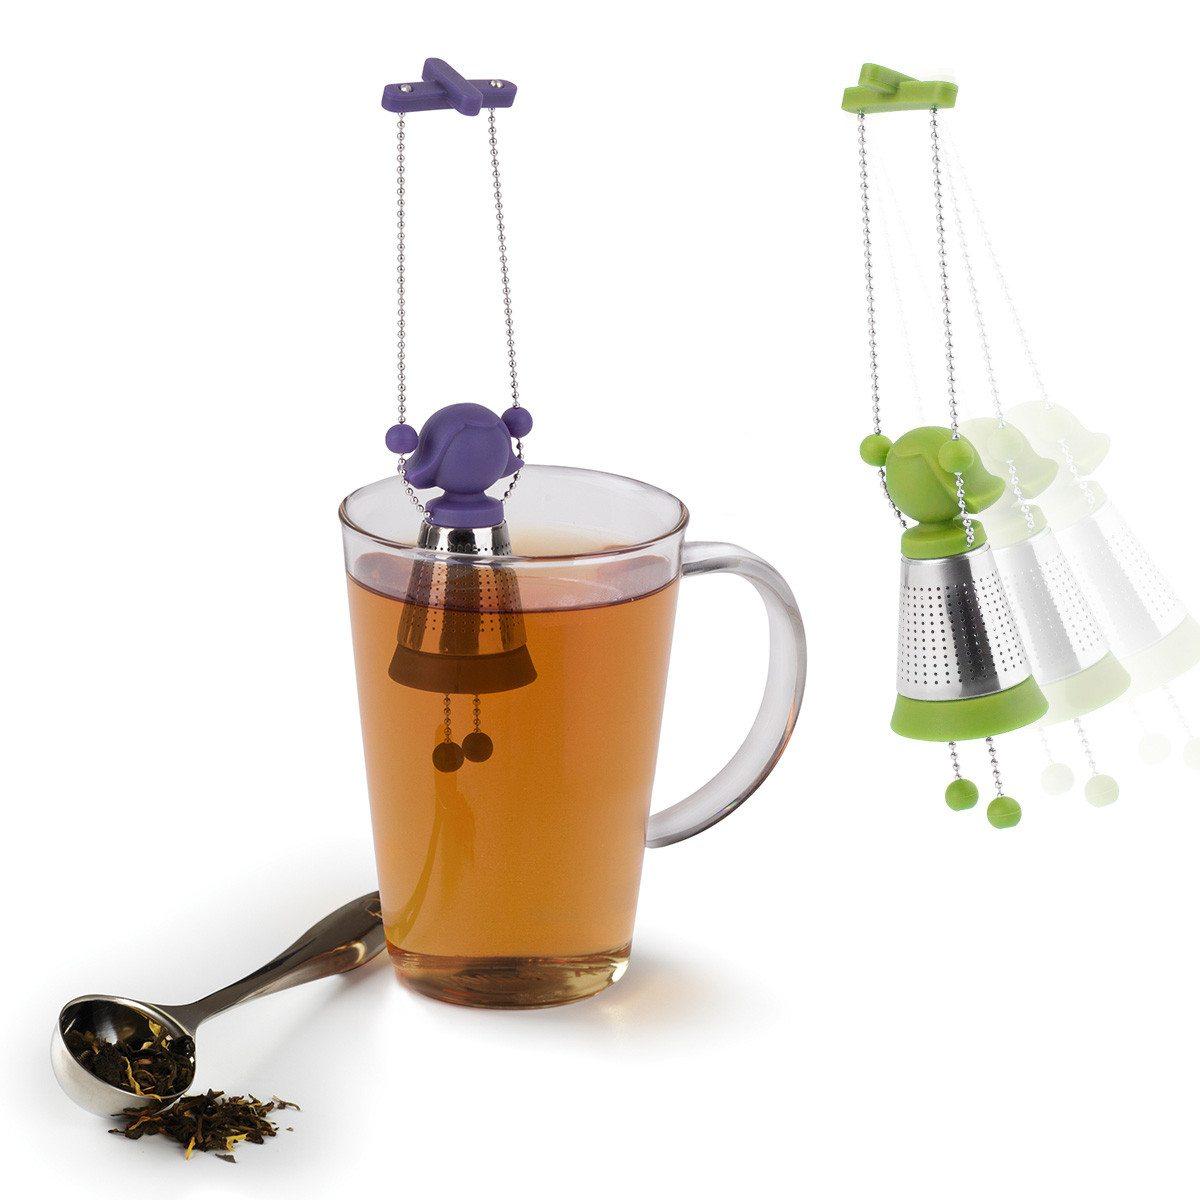 Difusor de té original - Marioneta de té